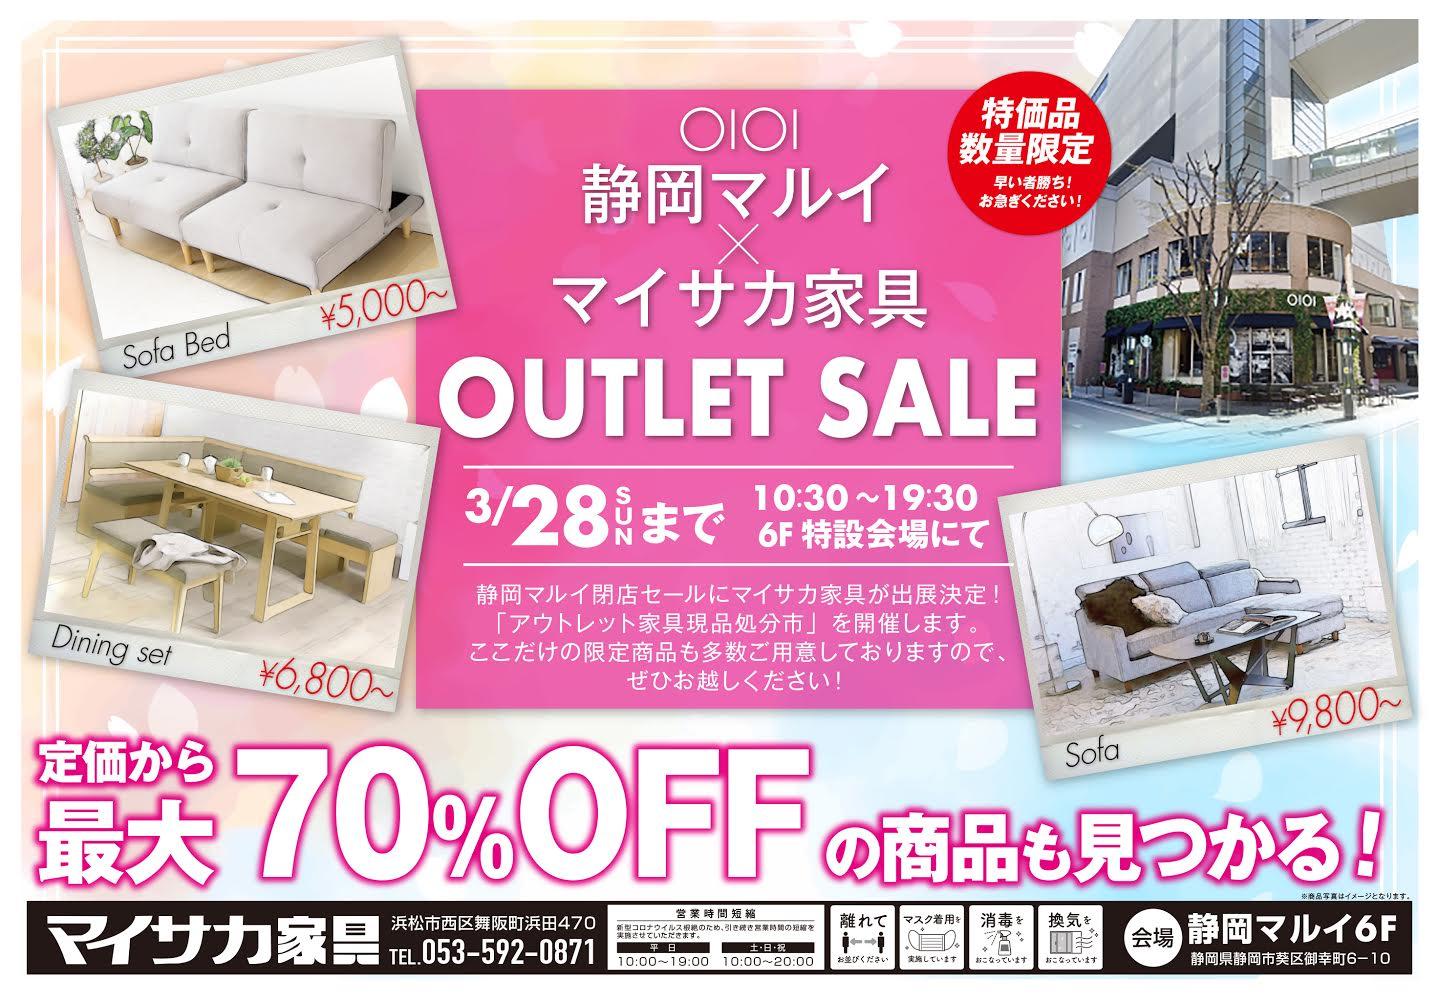 マイサカ家具と静岡マルイの大特価同時セールのチラシの裏面